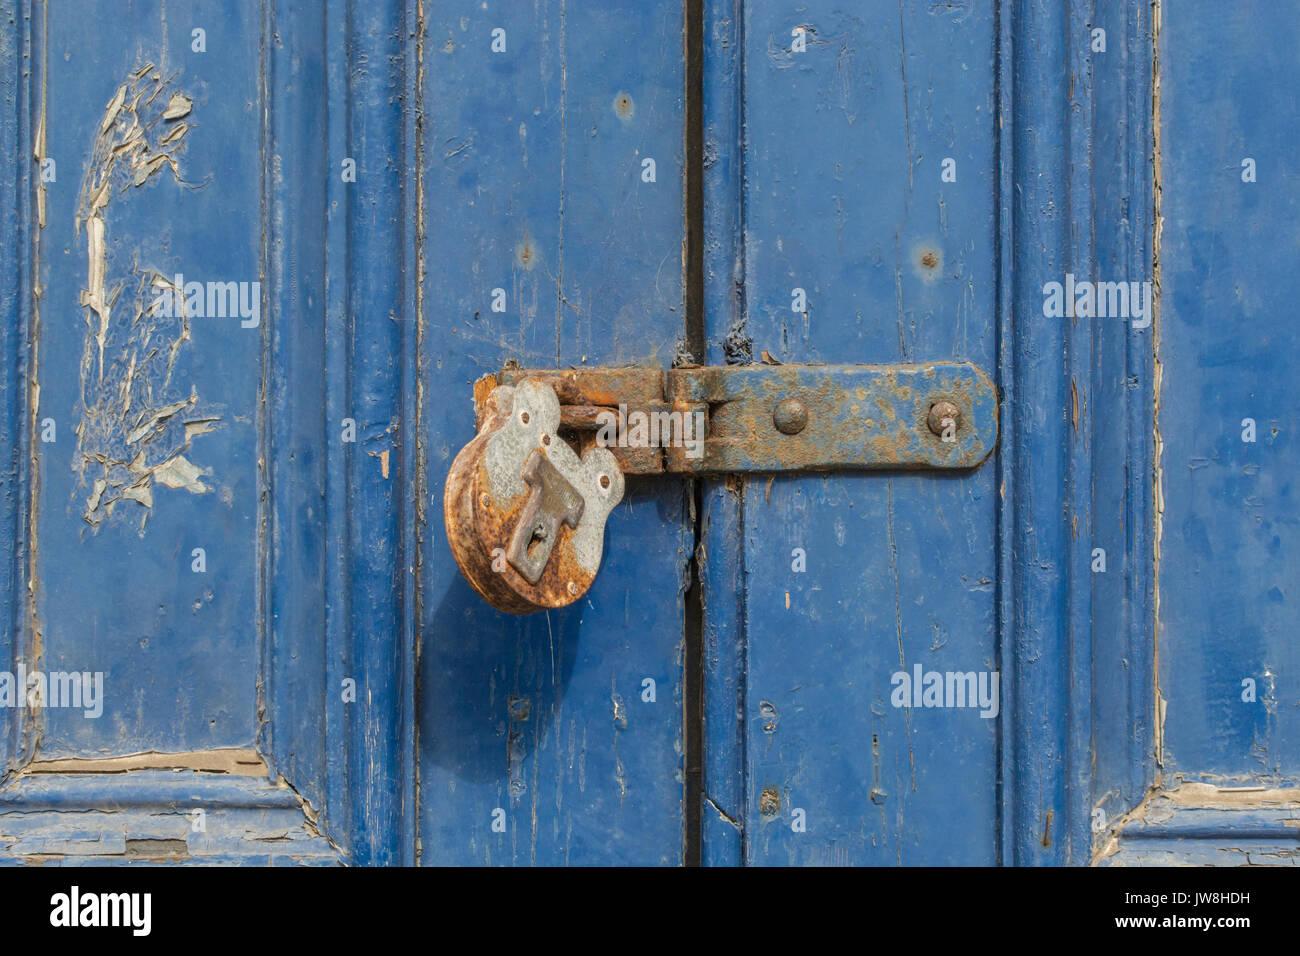 Blocked Access Door Key : Blocked door stock photos images alamy